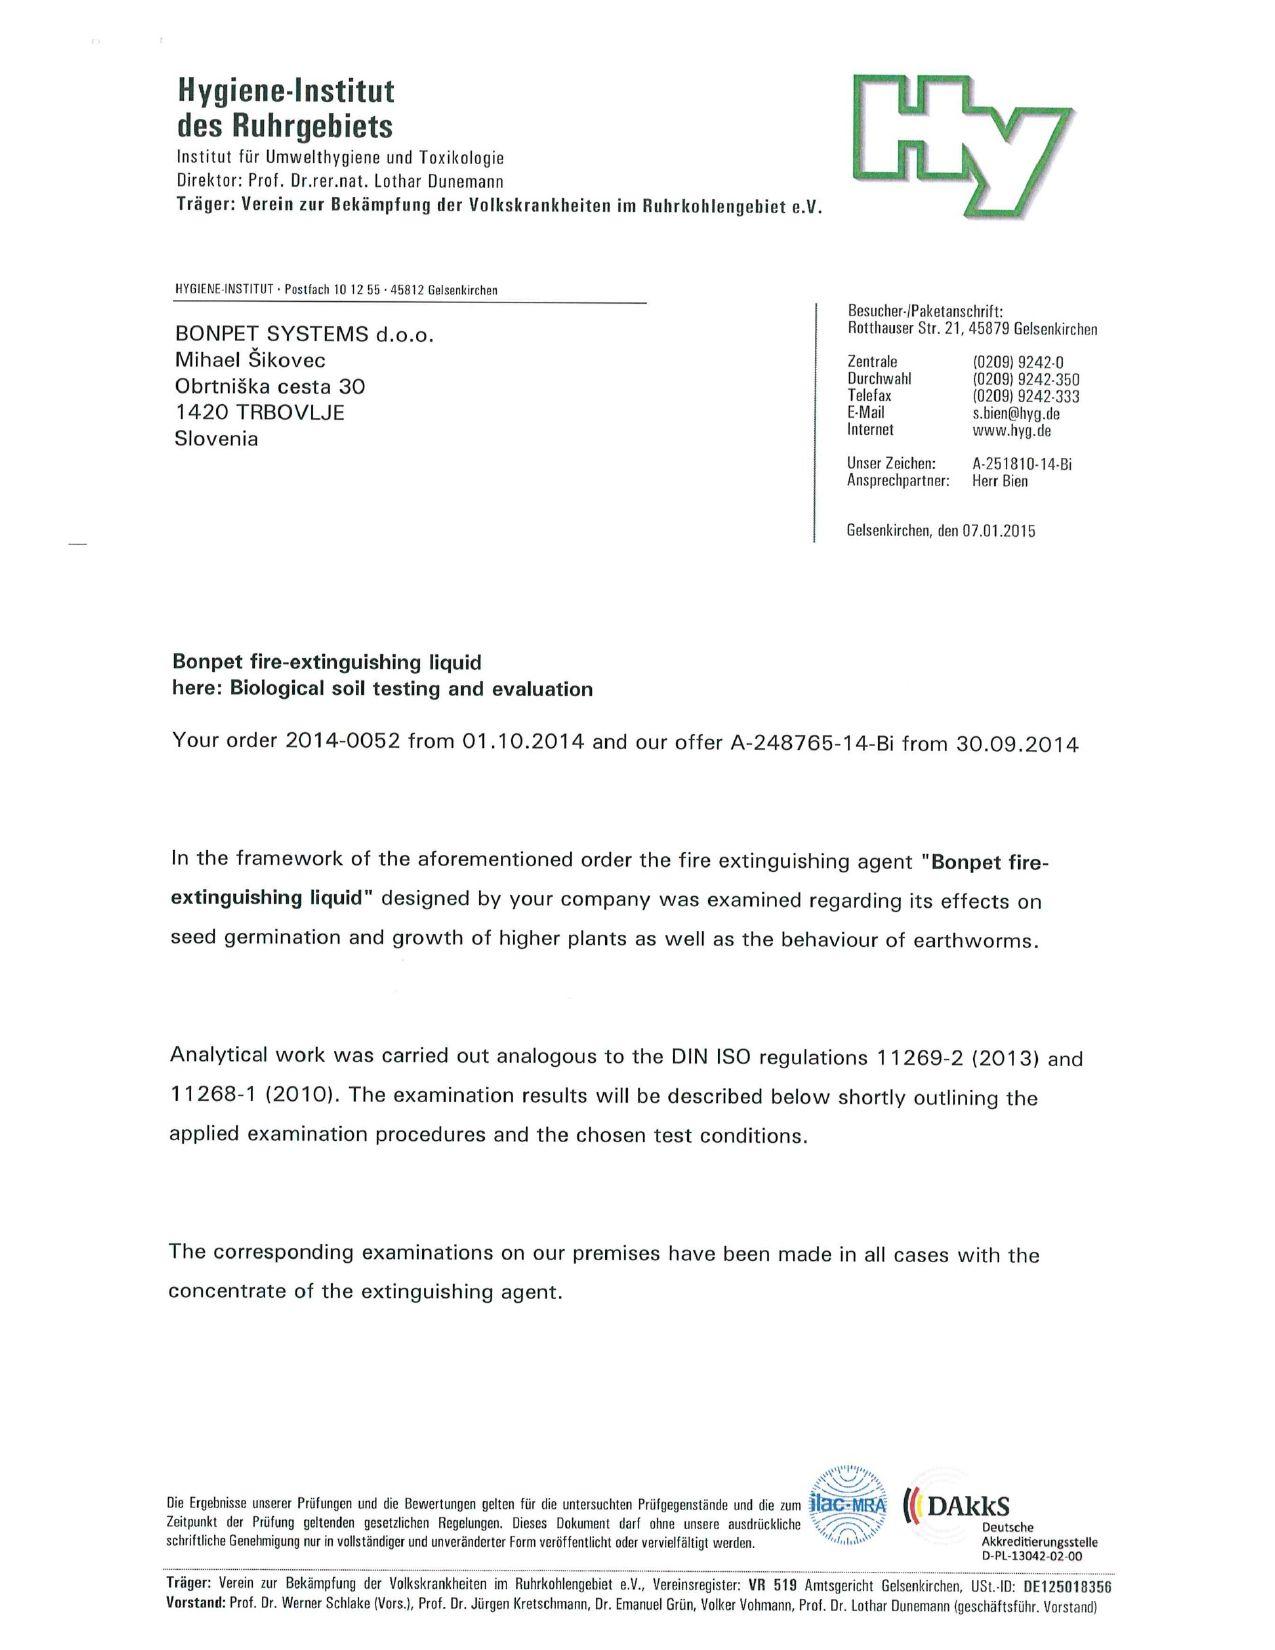 Zertifikate - Bonpet Systems